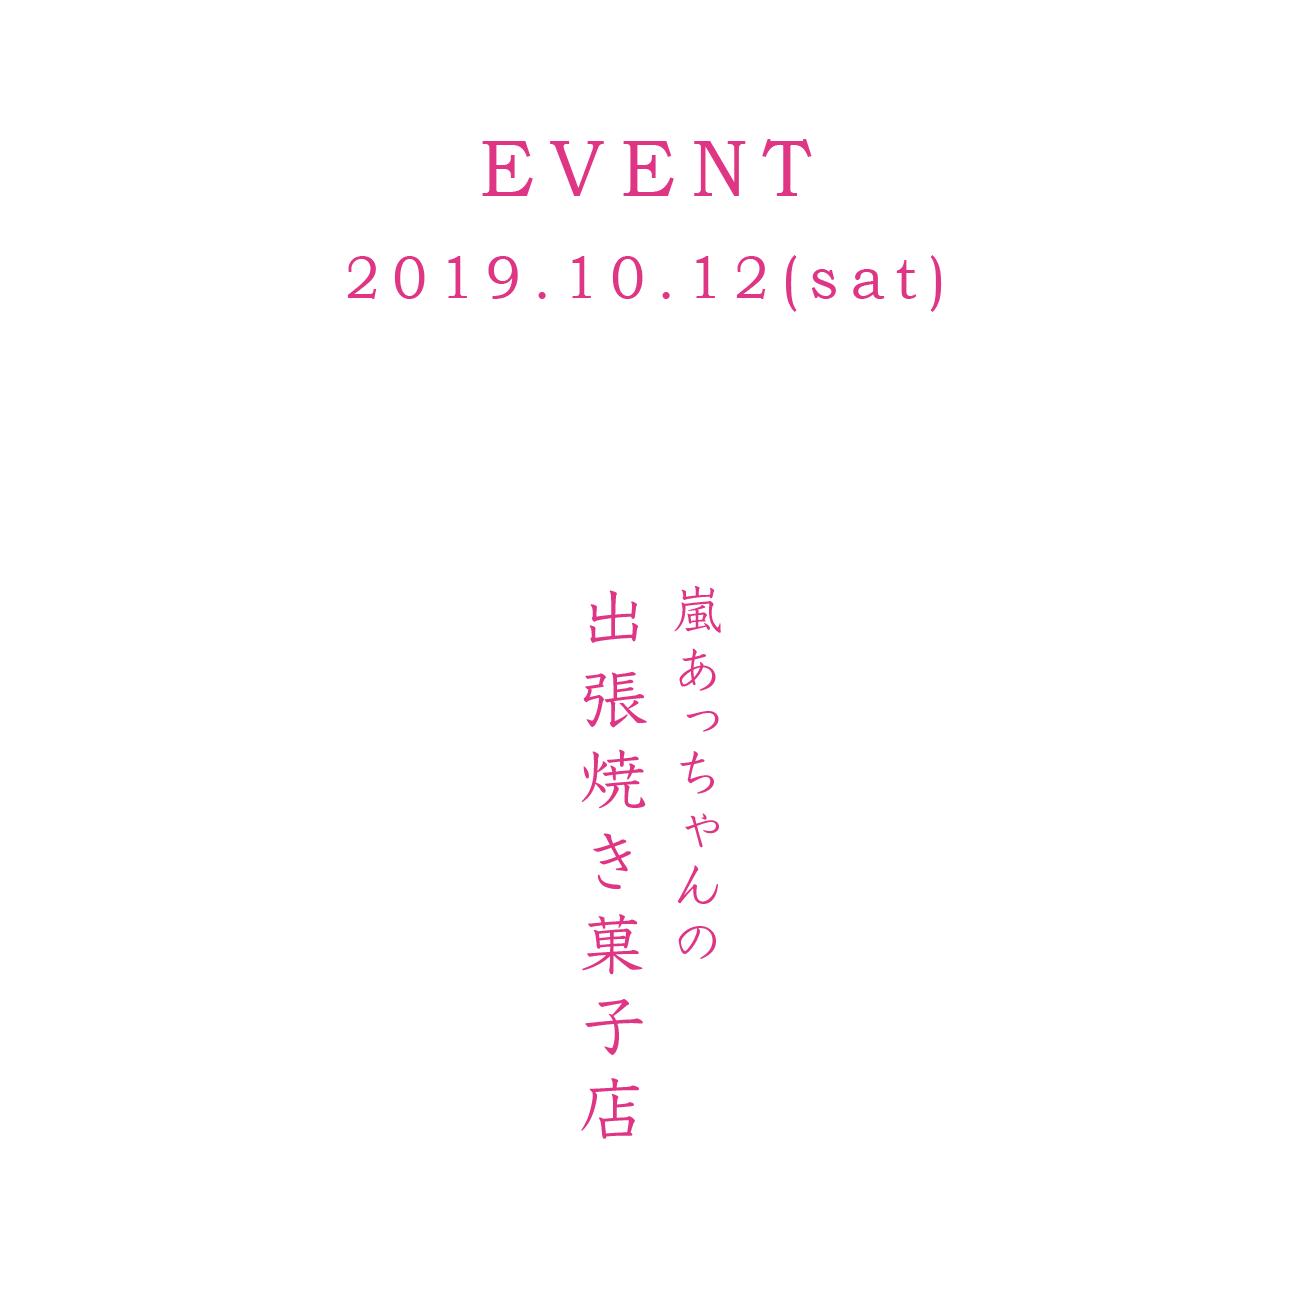 スクリーンショット 2019-09-28 12.16.25.png